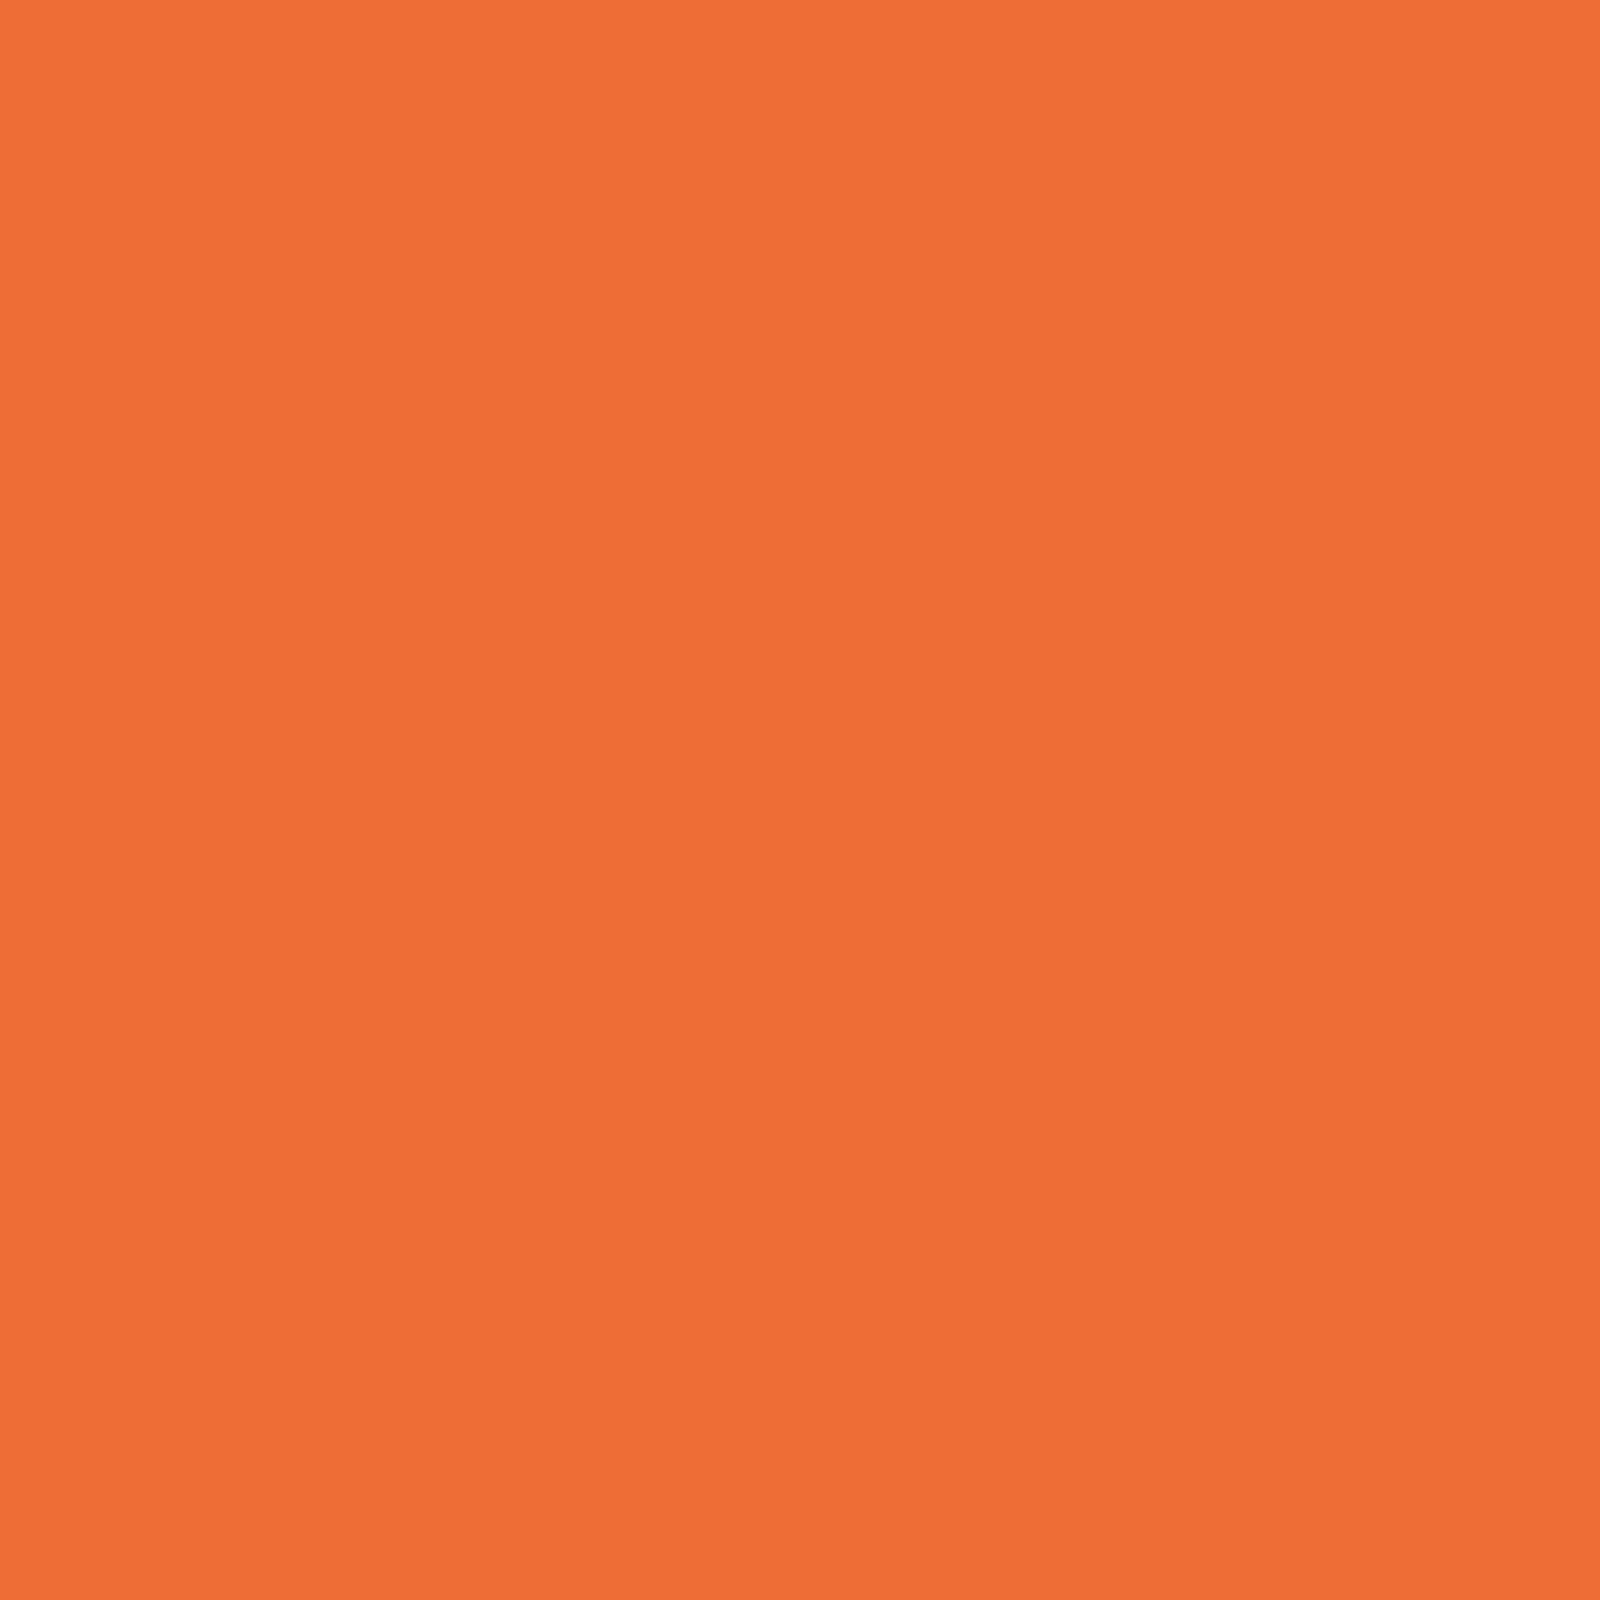 kobra mandarina